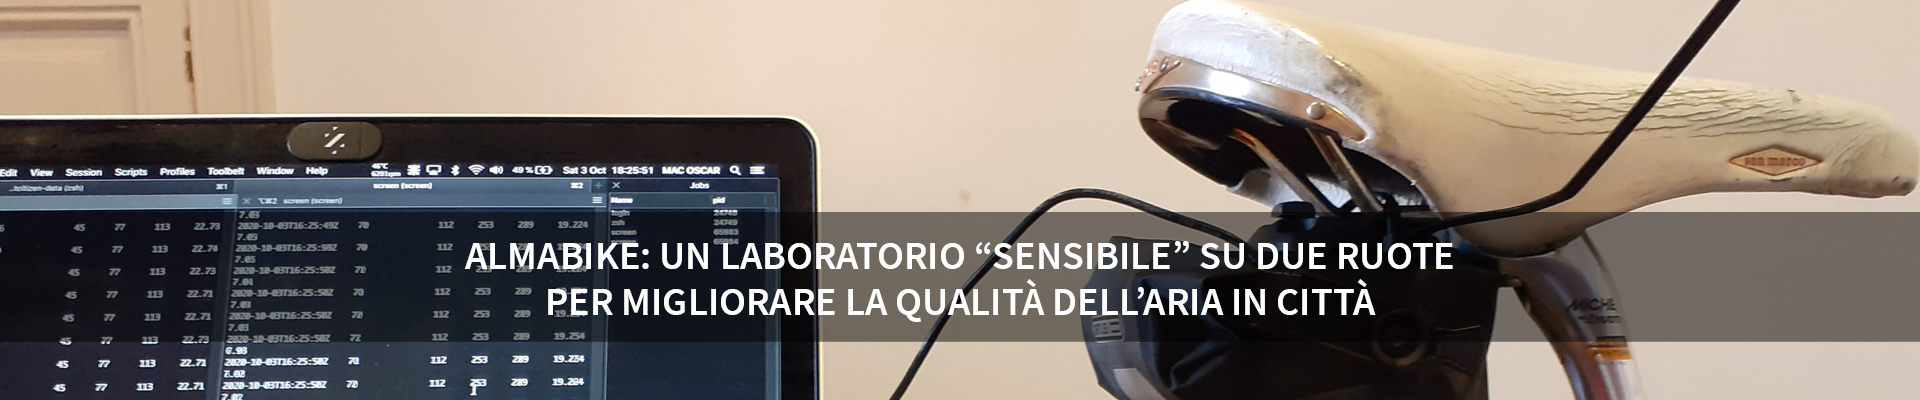 """Almabike: un laboratorio """"sensibile"""" su due ruote per migliorare la qualità dell'aria in città -"""